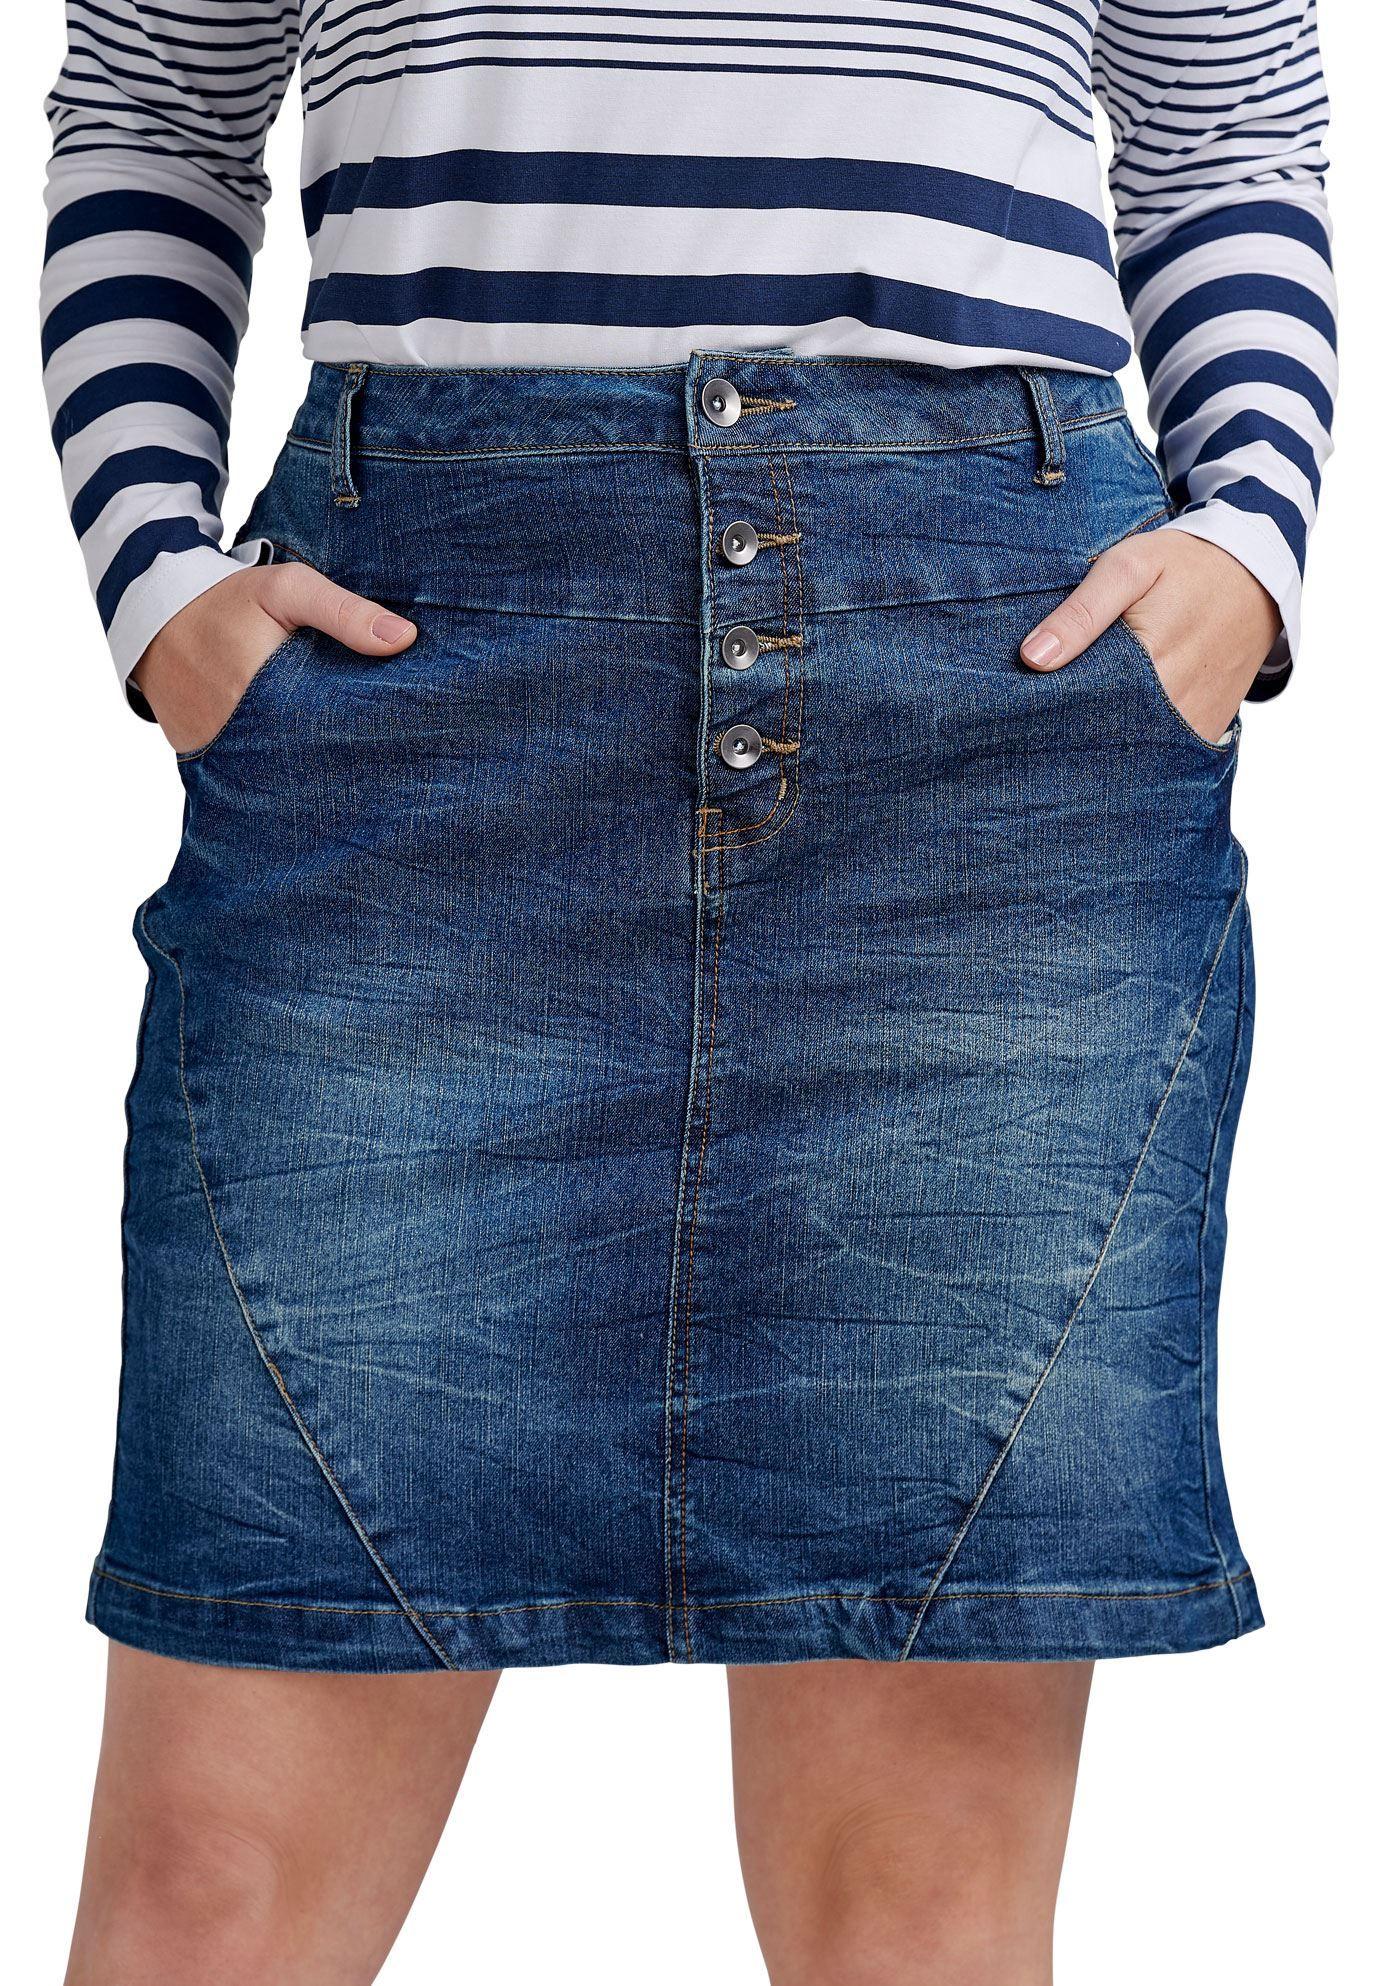 86b31810d Distressed Denim Skirt Plus Size – DACC